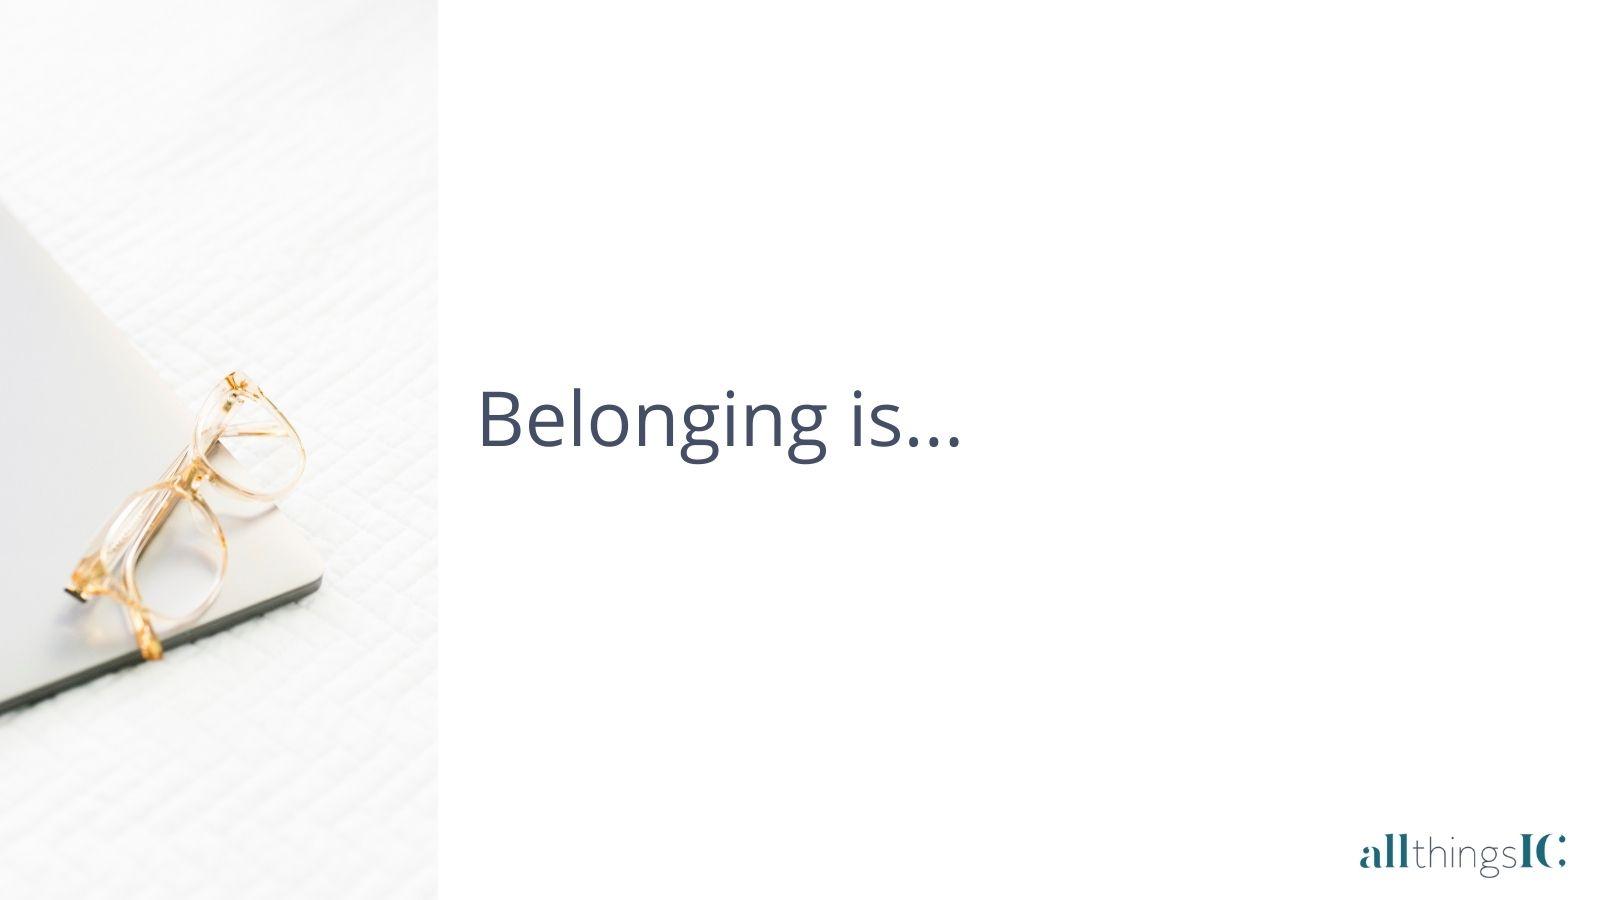 Belonging is...